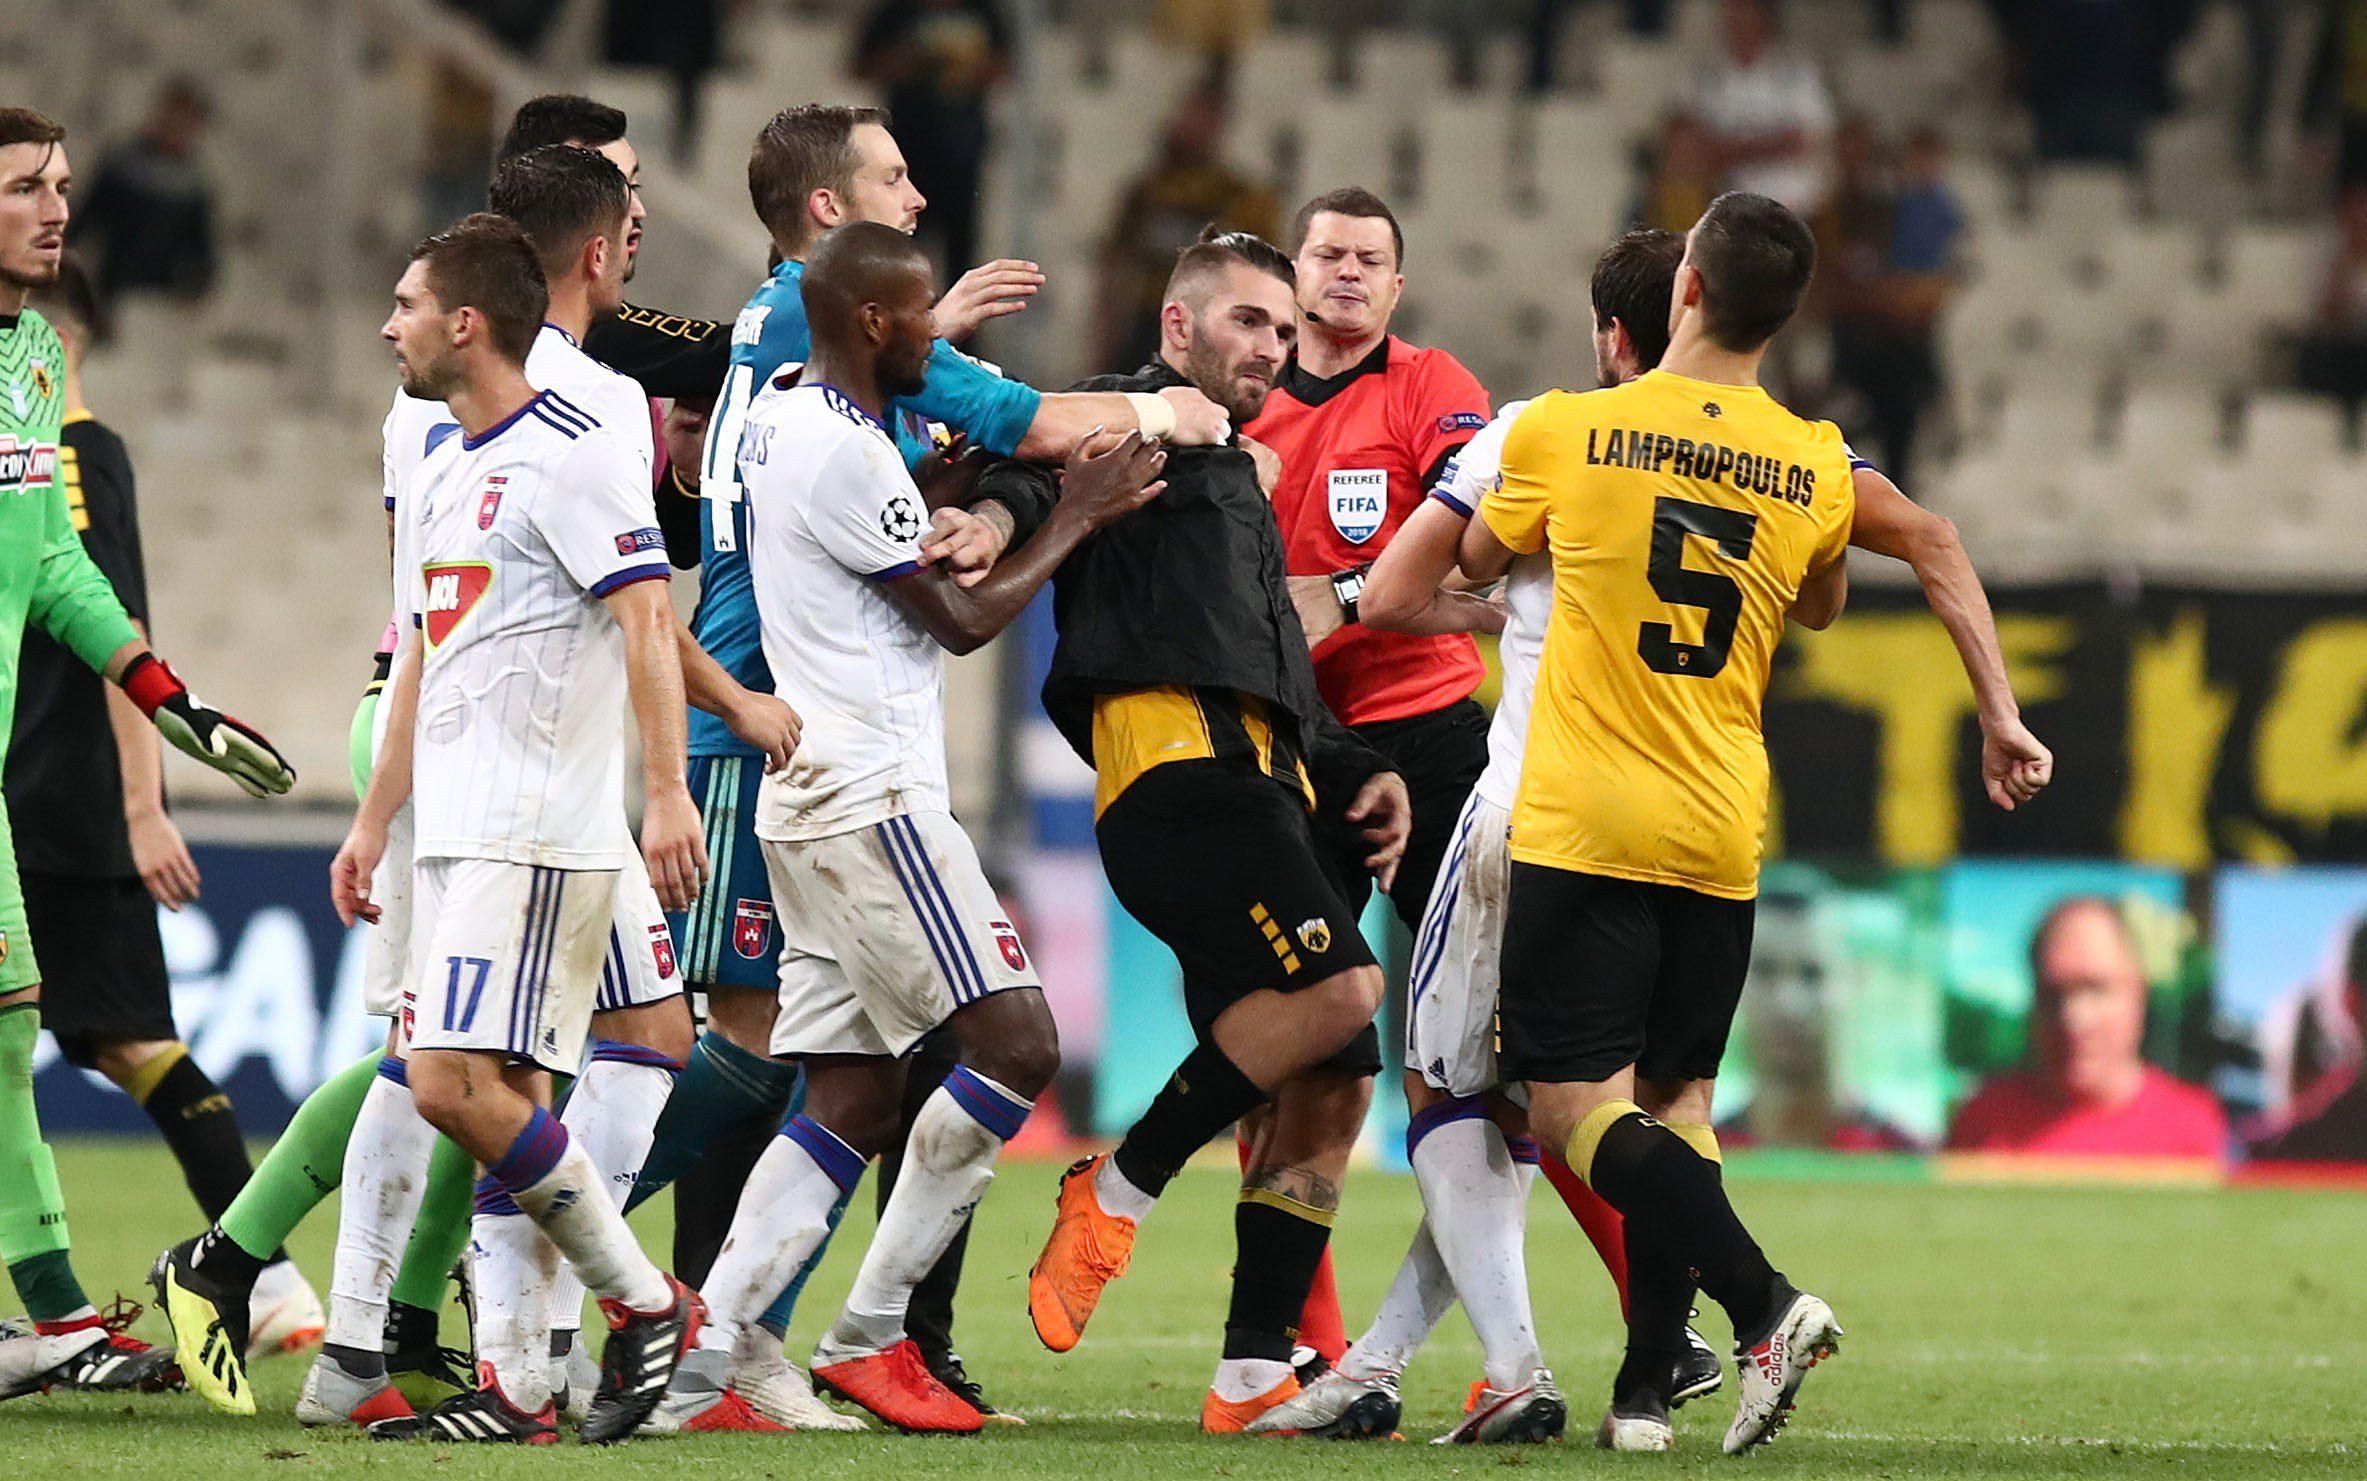 Σοκ στην ΑΕΚ, 4 αγωνιστικές σε Λιβάια, Λόπες